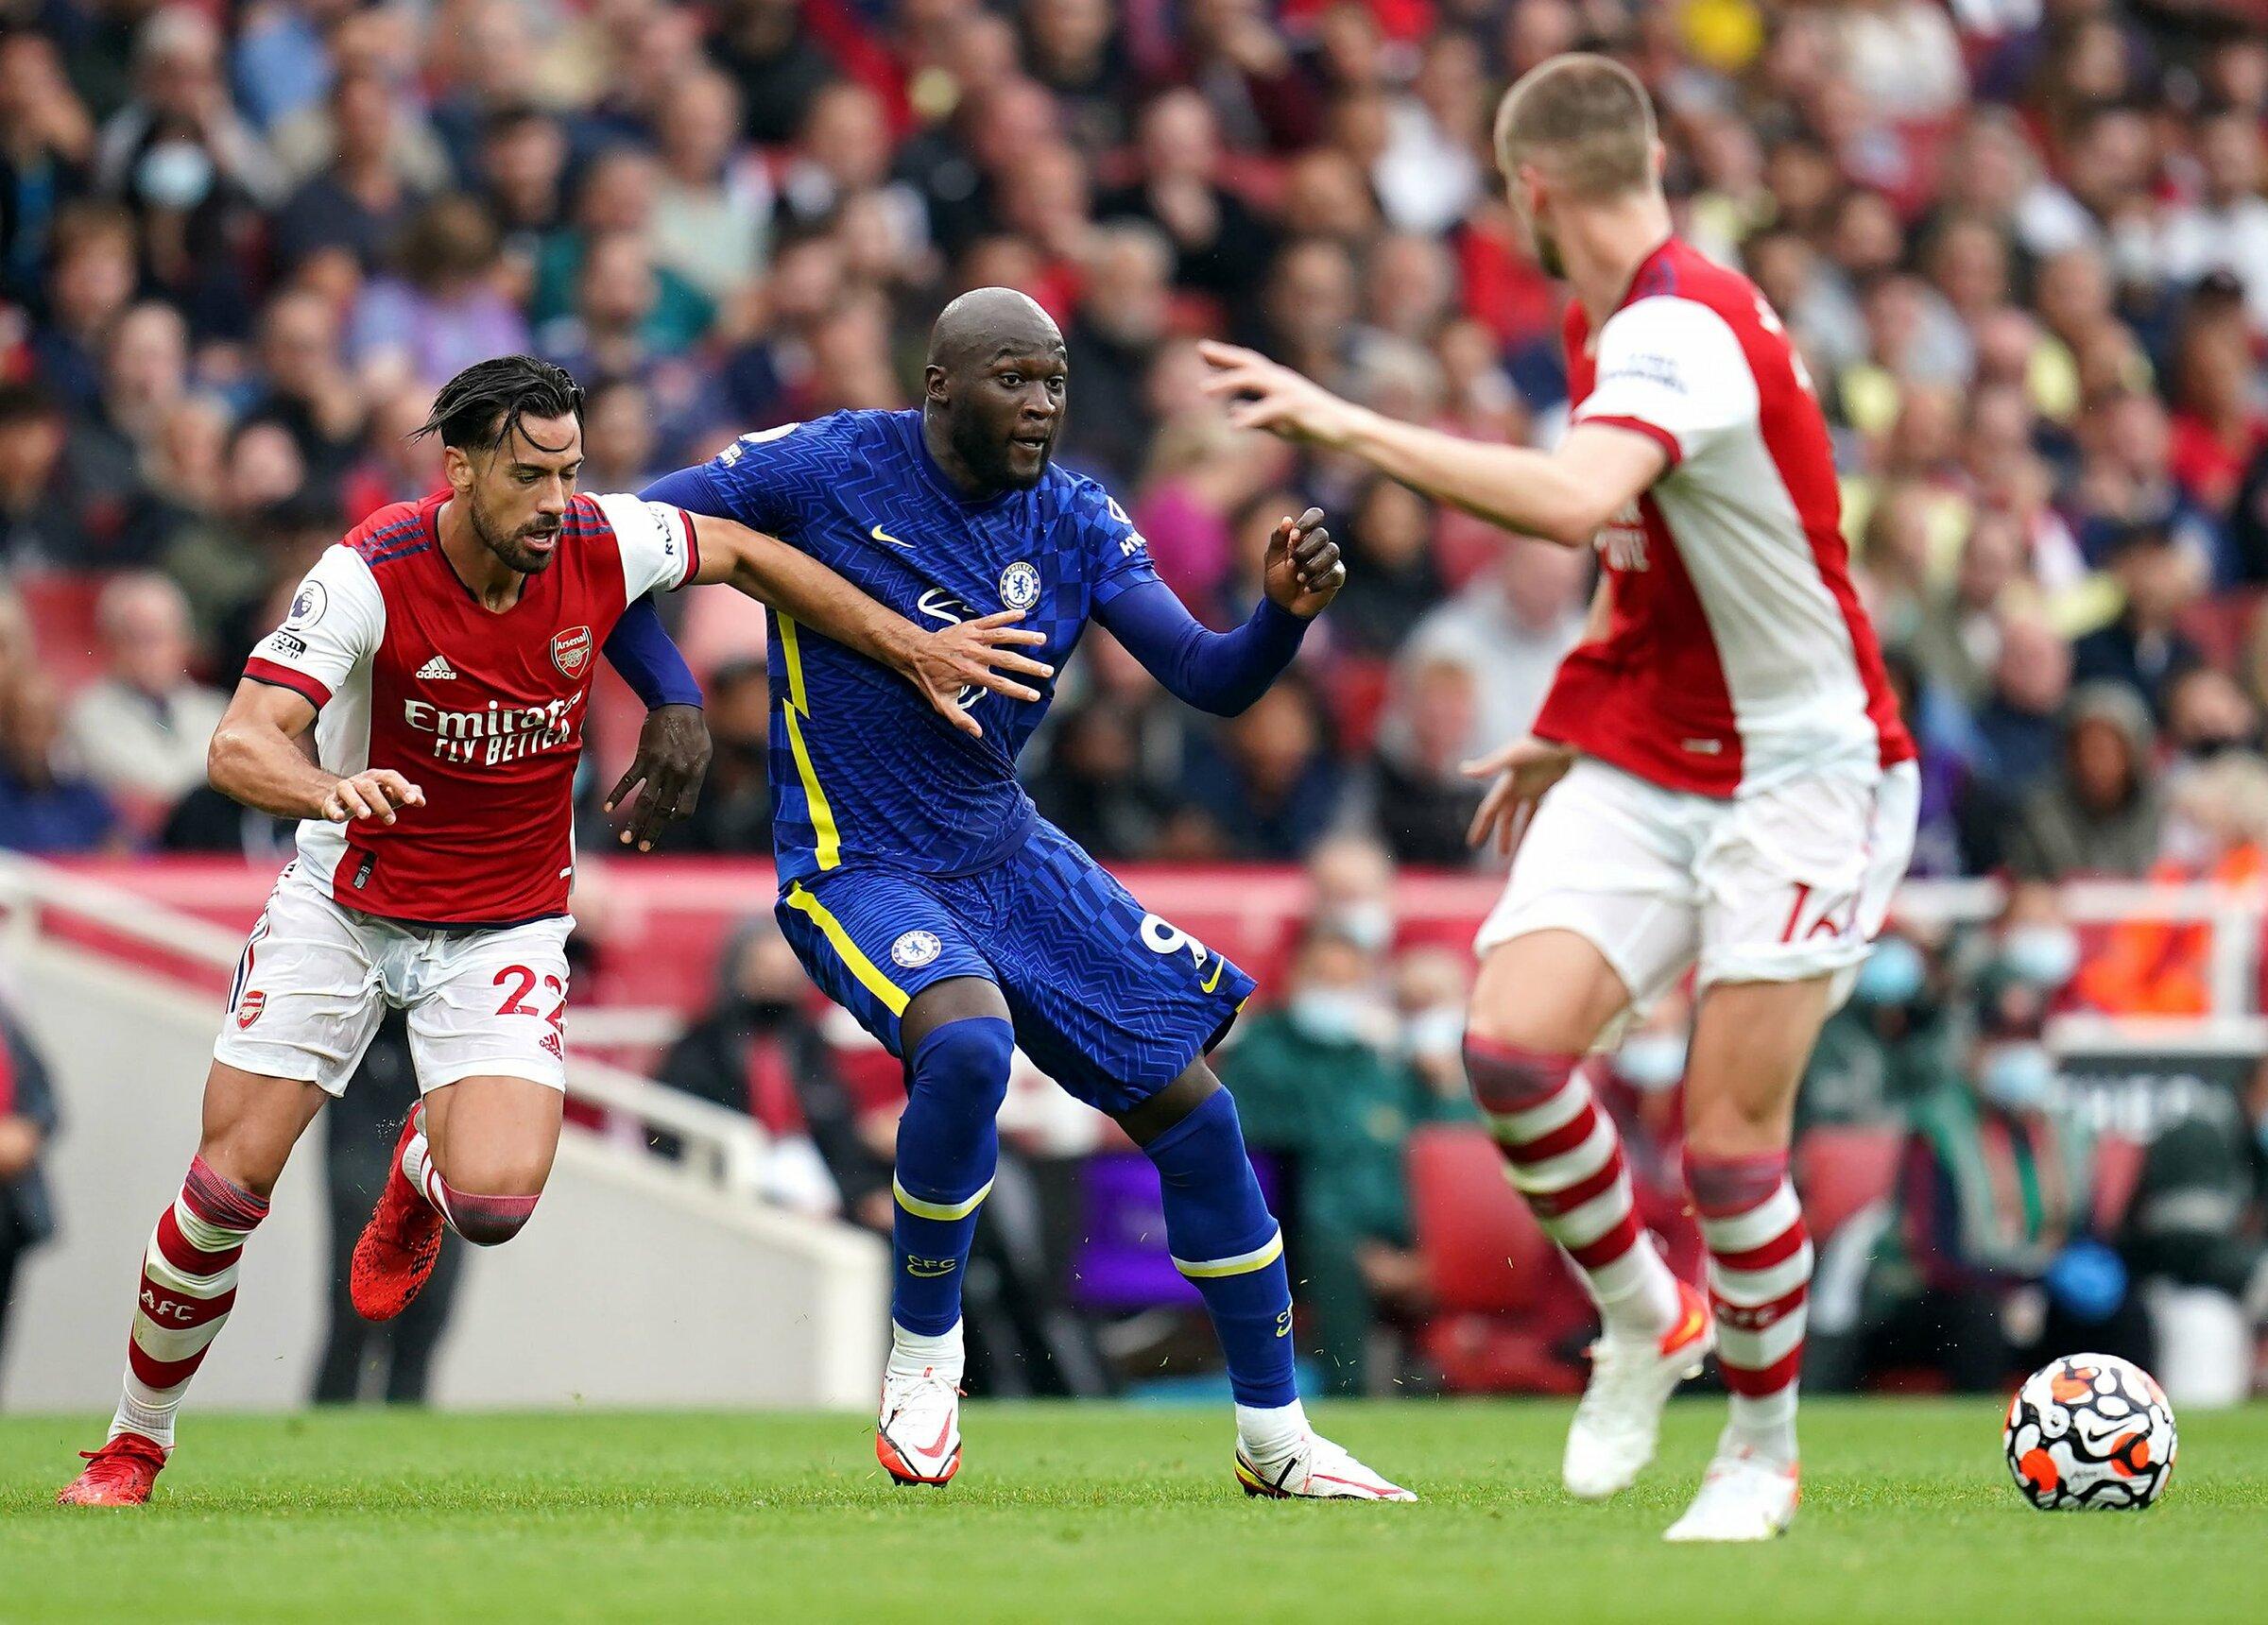 Tốc độ, sức càn lướt, khả năng che chắn bóng, tì đè của Lukaku khiến cặp trung vệ Arsenal - Pablo Mari, Rob Holding - liên tục đối phó vất vả. Ảnh: PA Images